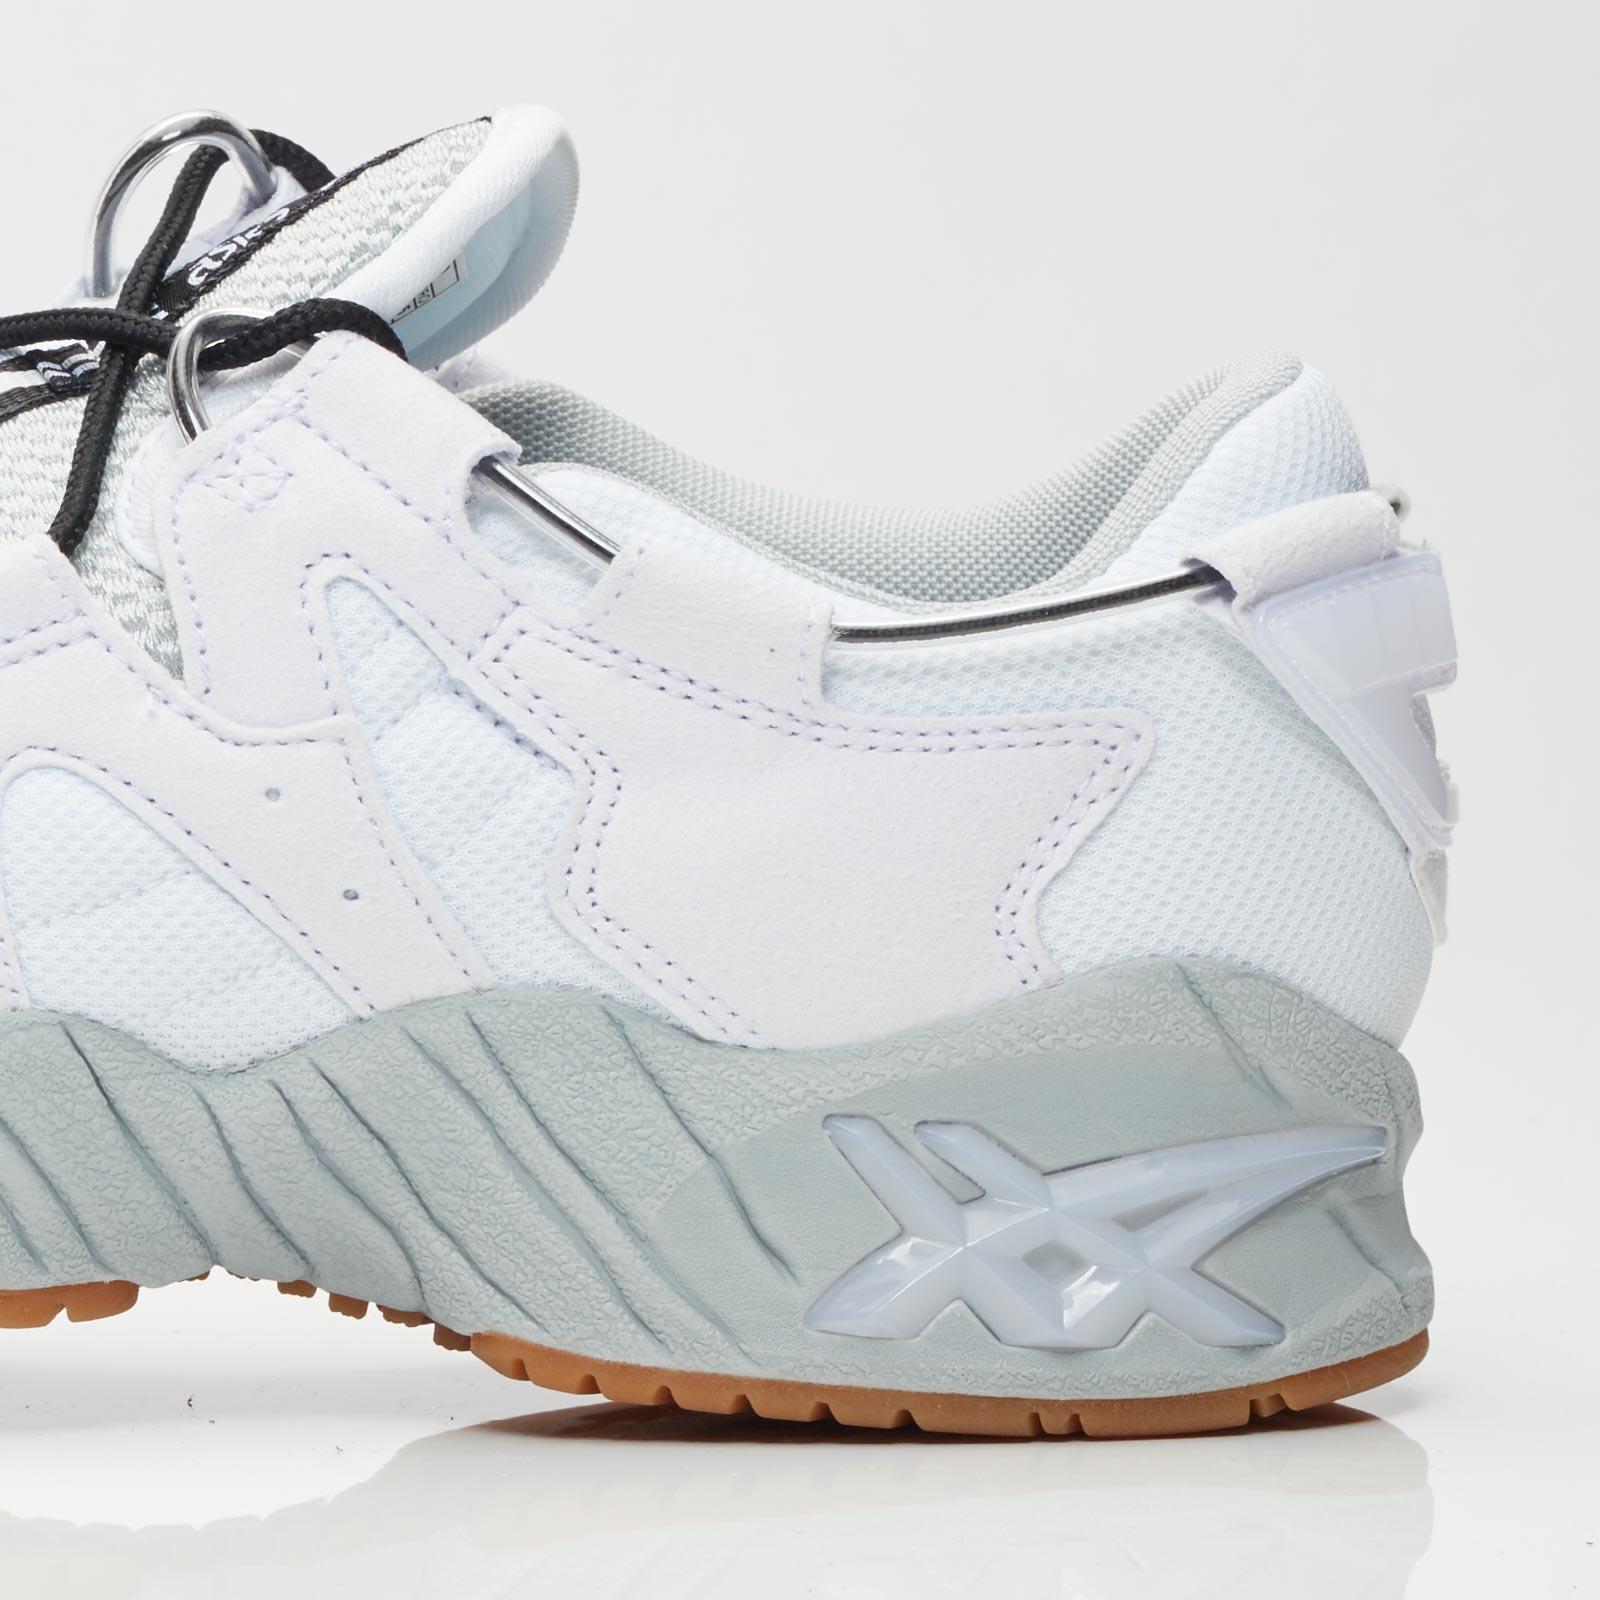 ASICS Tiger Gel Mai STR Hn719 0101 Sneakersnstuff